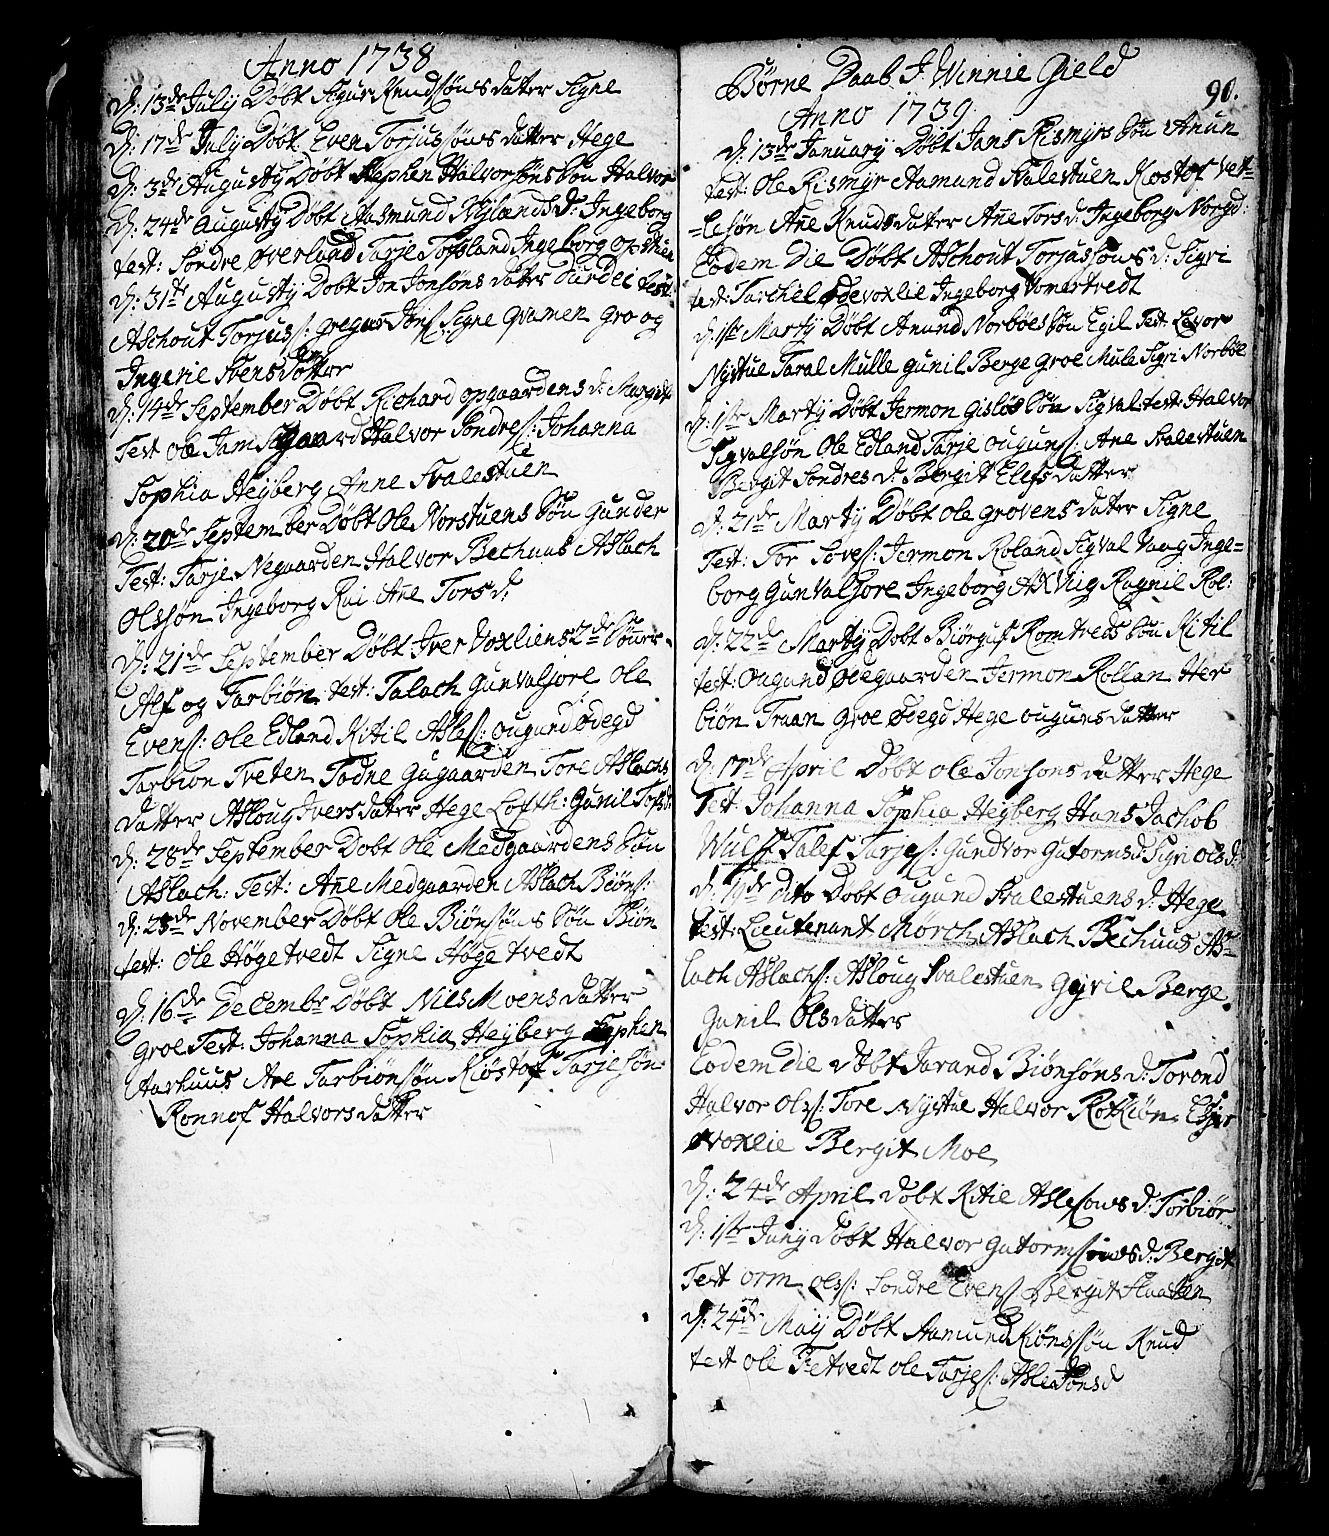 SAKO, Vinje kirkebøker, F/Fa/L0001: Ministerialbok nr. I 1, 1717-1766, s. 90